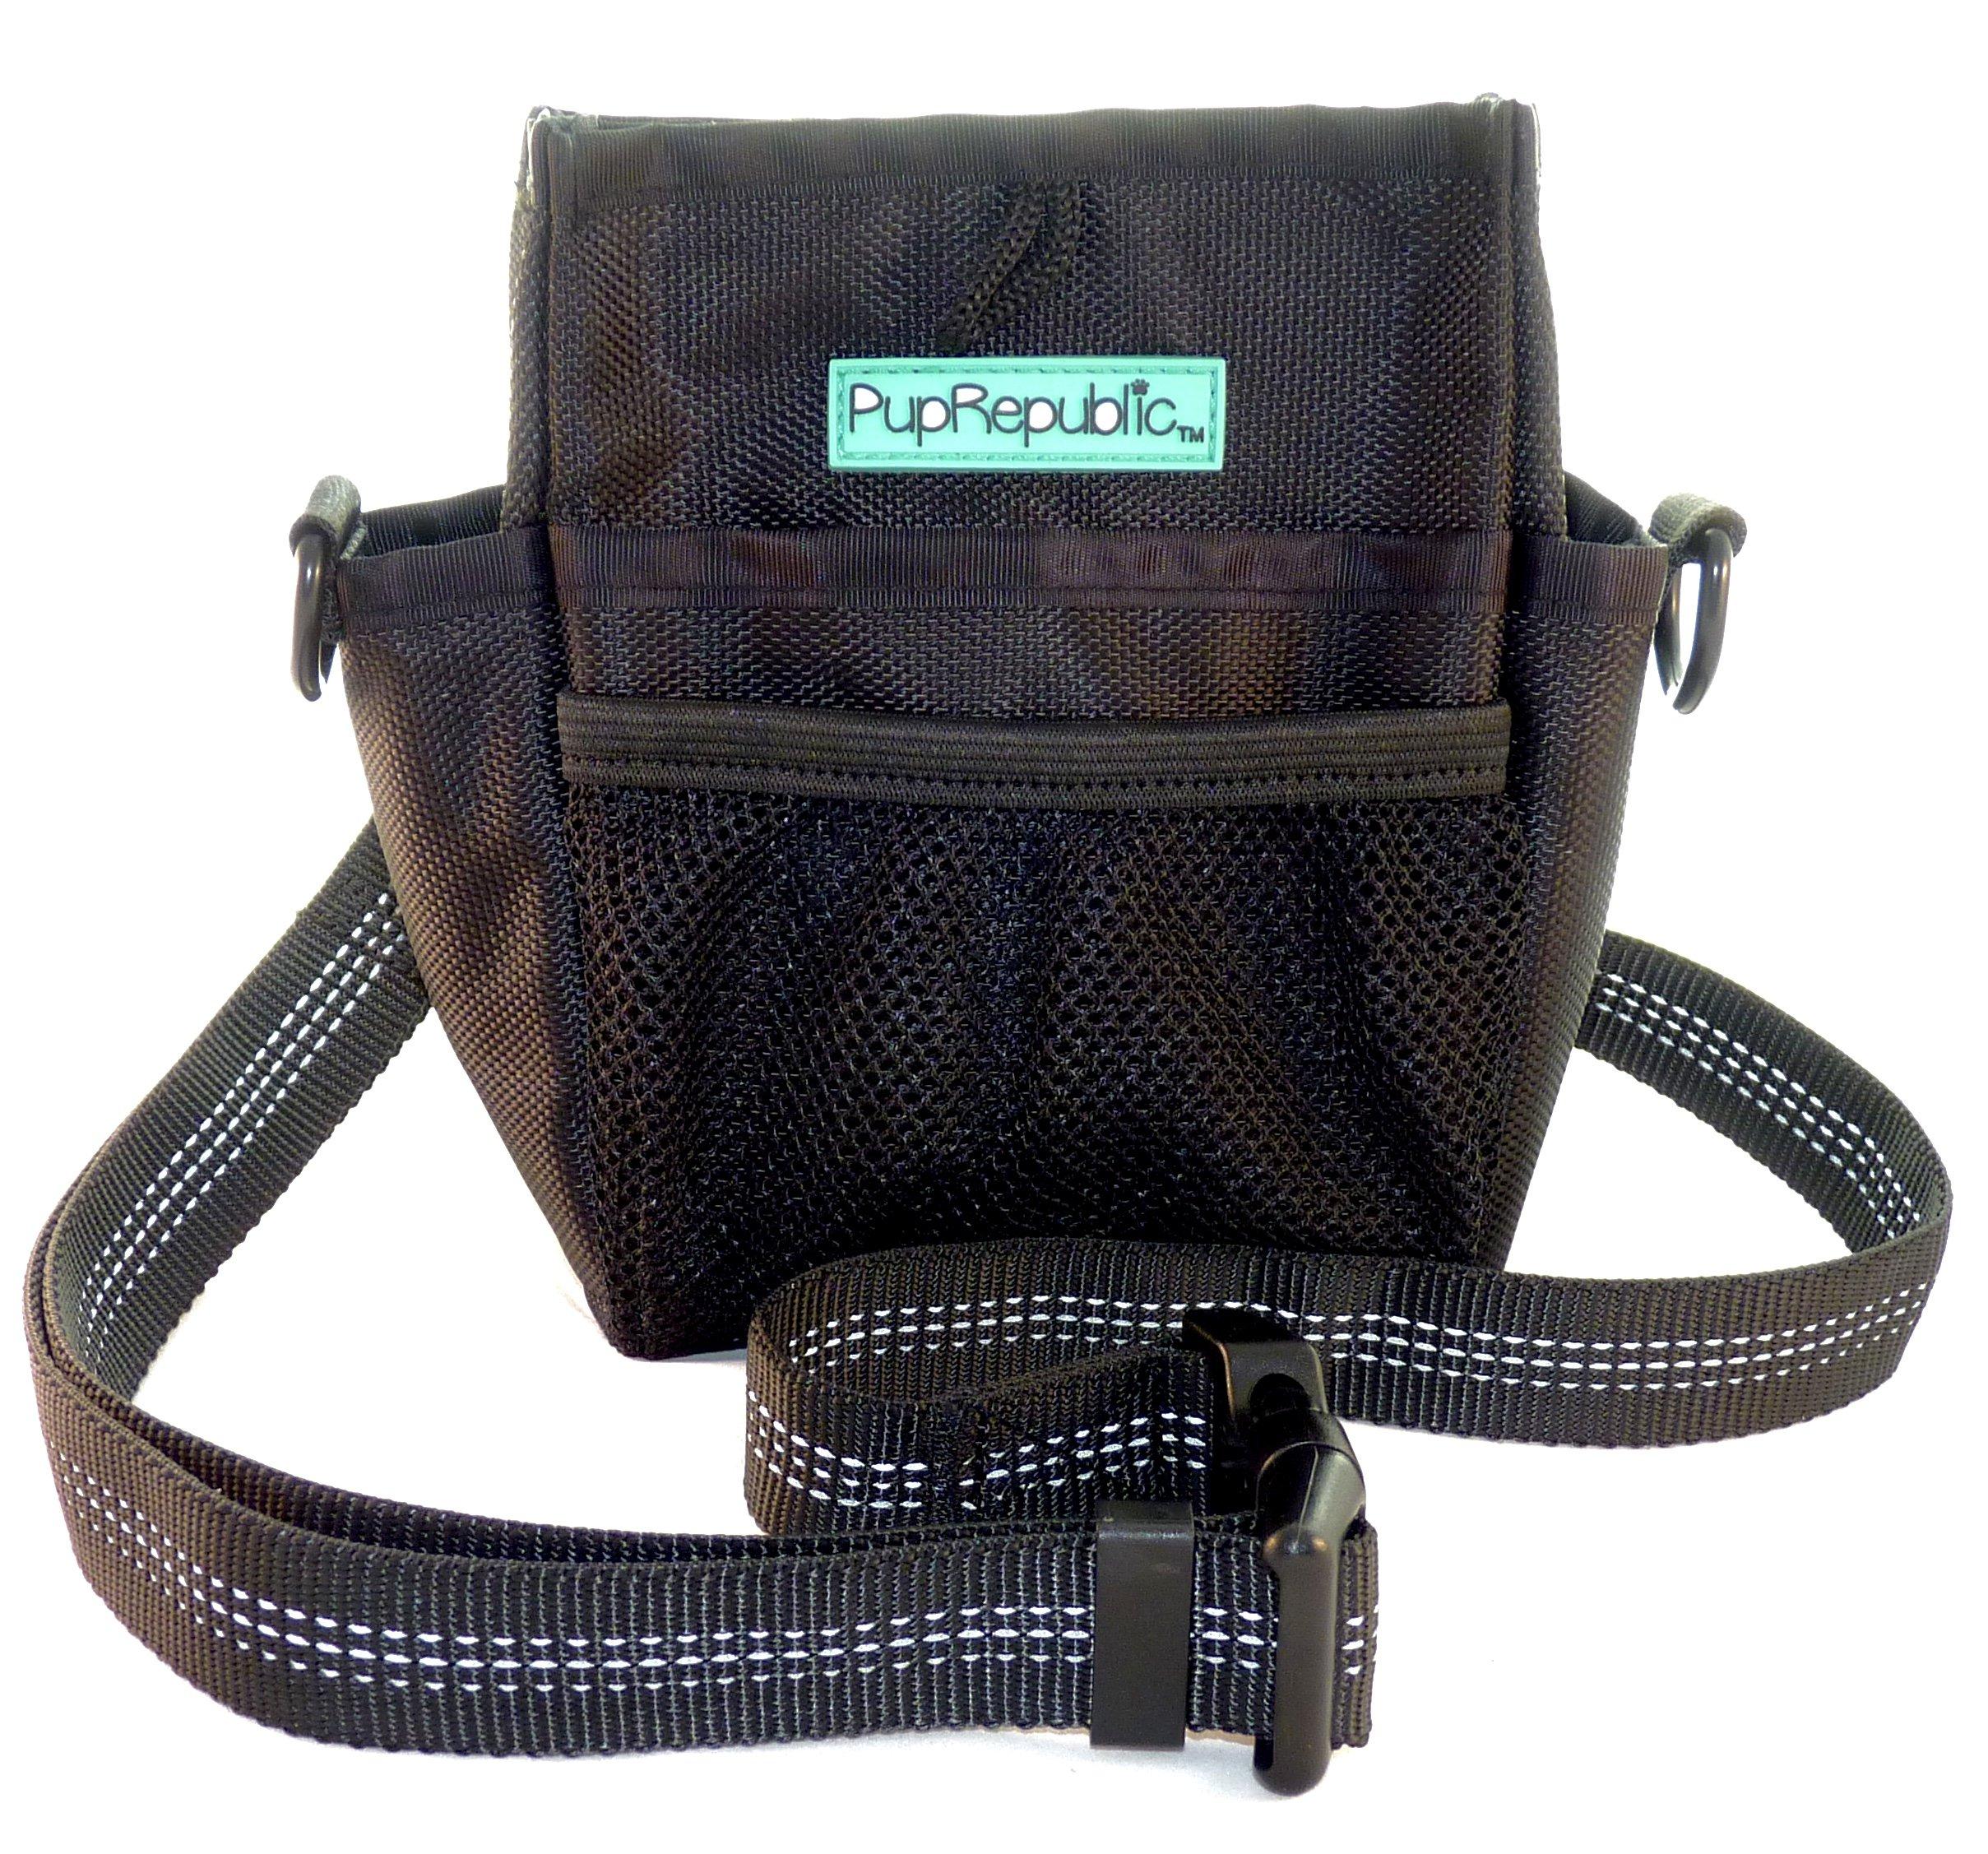 PupRepublic Premium Dog Training Treat Pouch with Poop Bag Dispenser,Multiple Pockets,Strong Magnetic Closure,Adjustable Belt or Shoulder Strap.